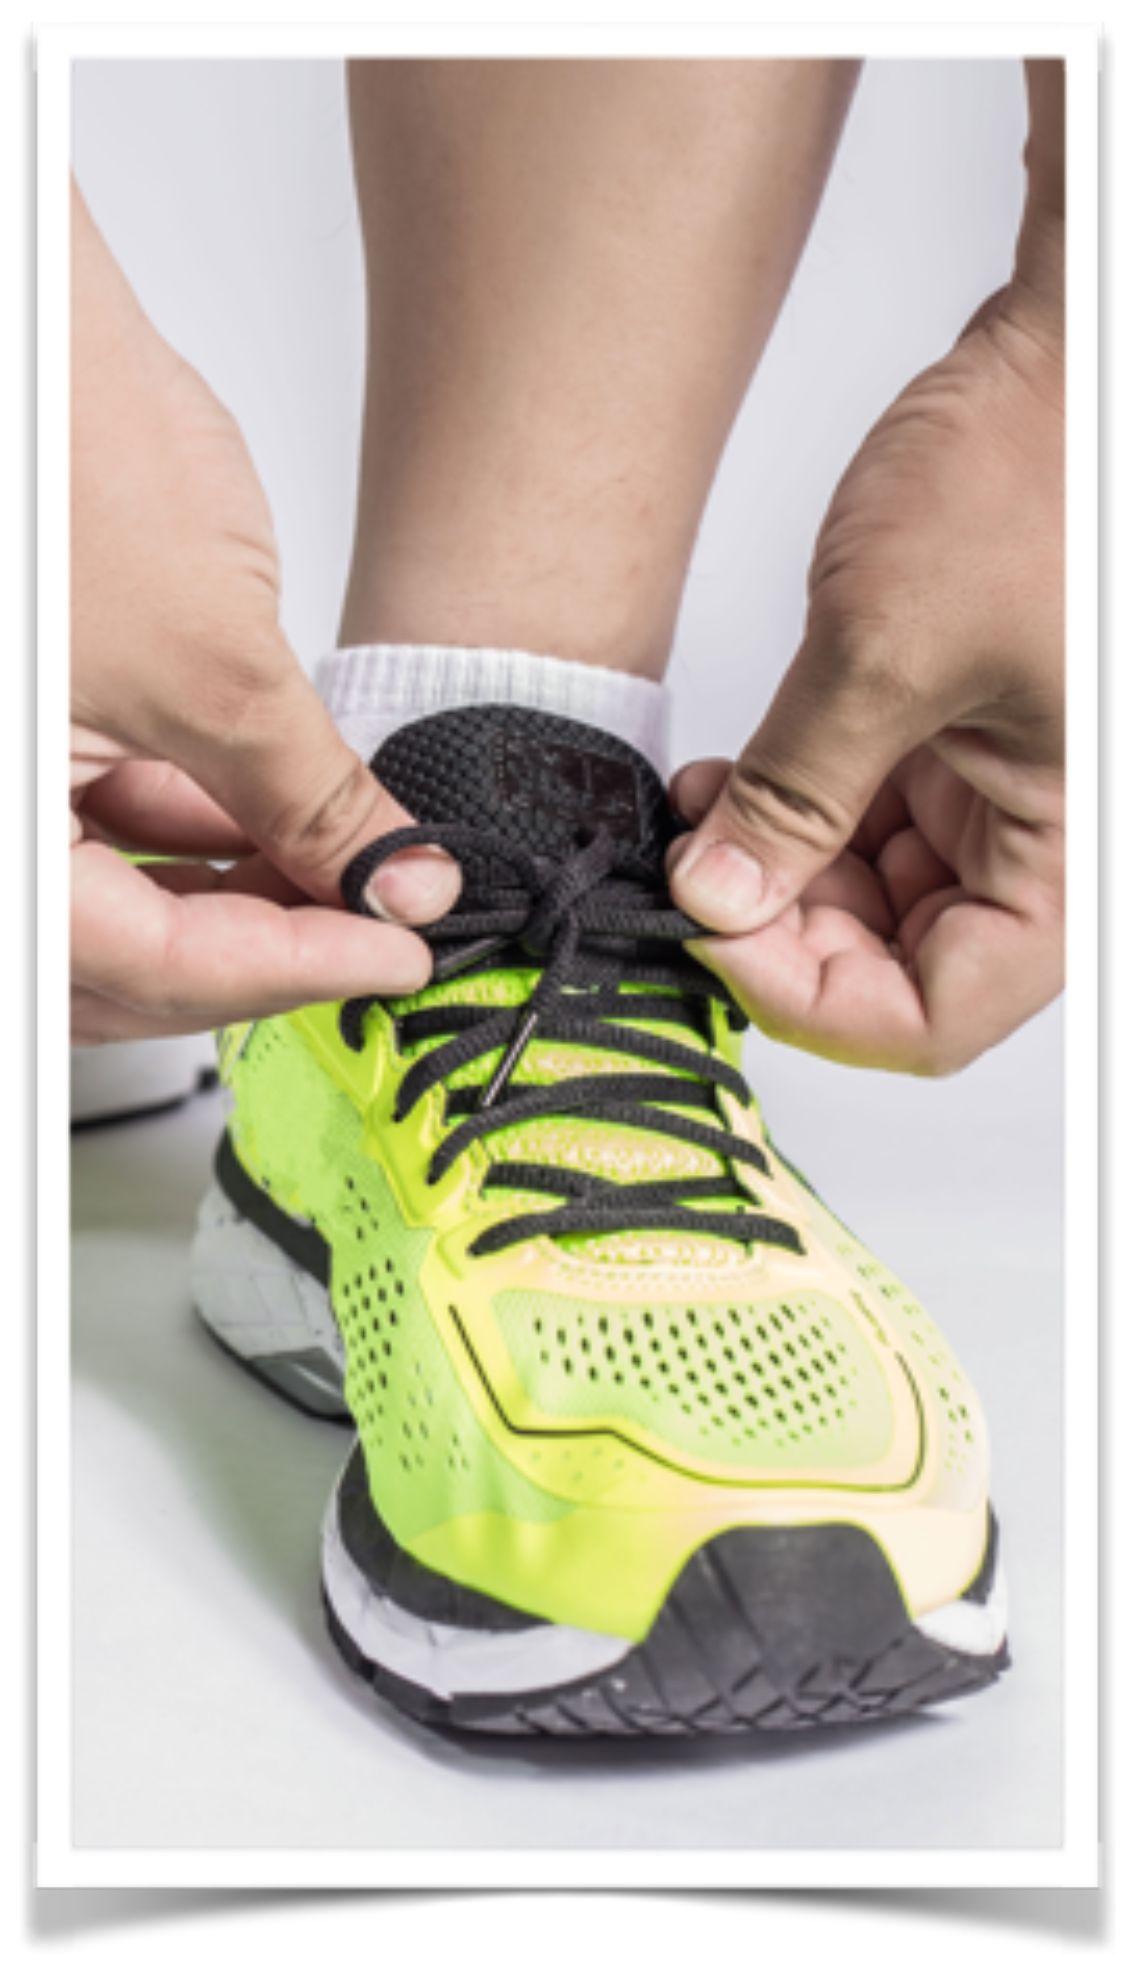 Las Para Consejos Prevenir Practicas Noticia Sobre Lesiones Si tshdrCxQ